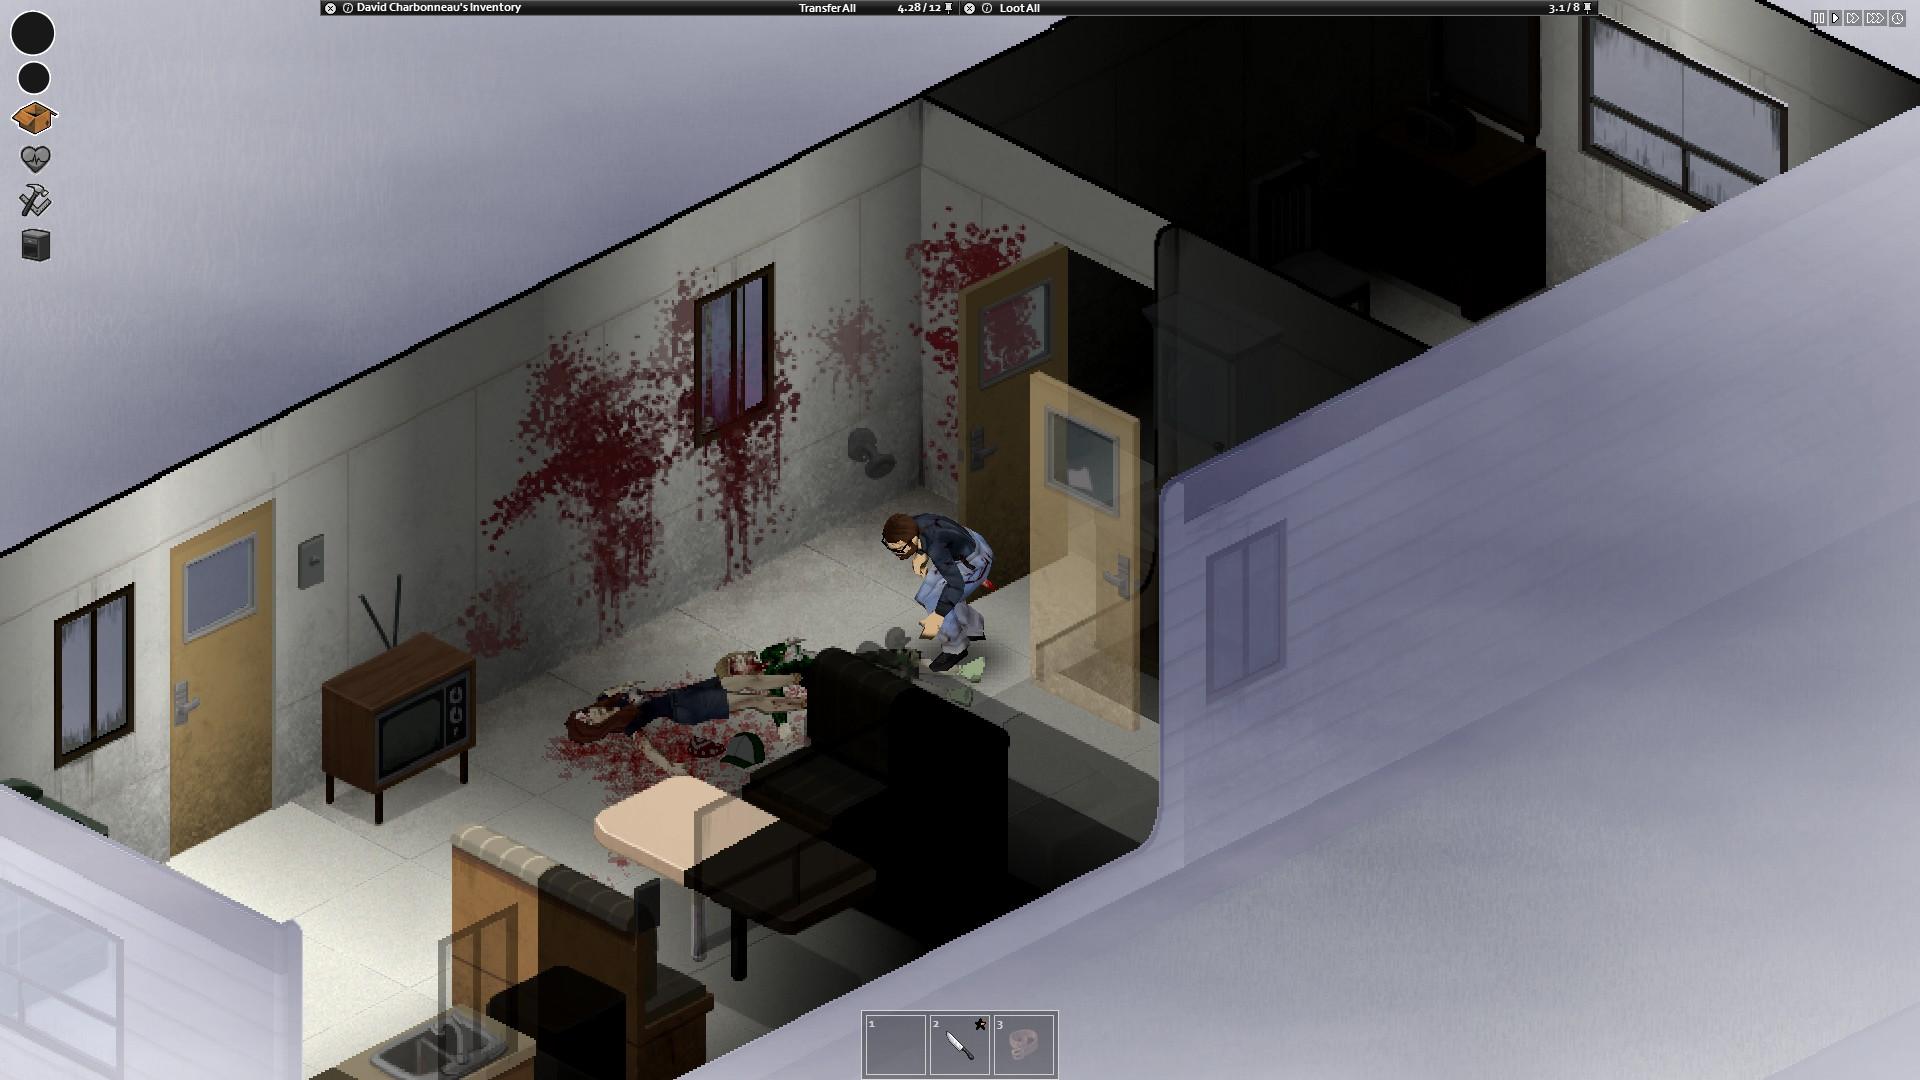 Lutte contre des zombies dans une maison mobile.